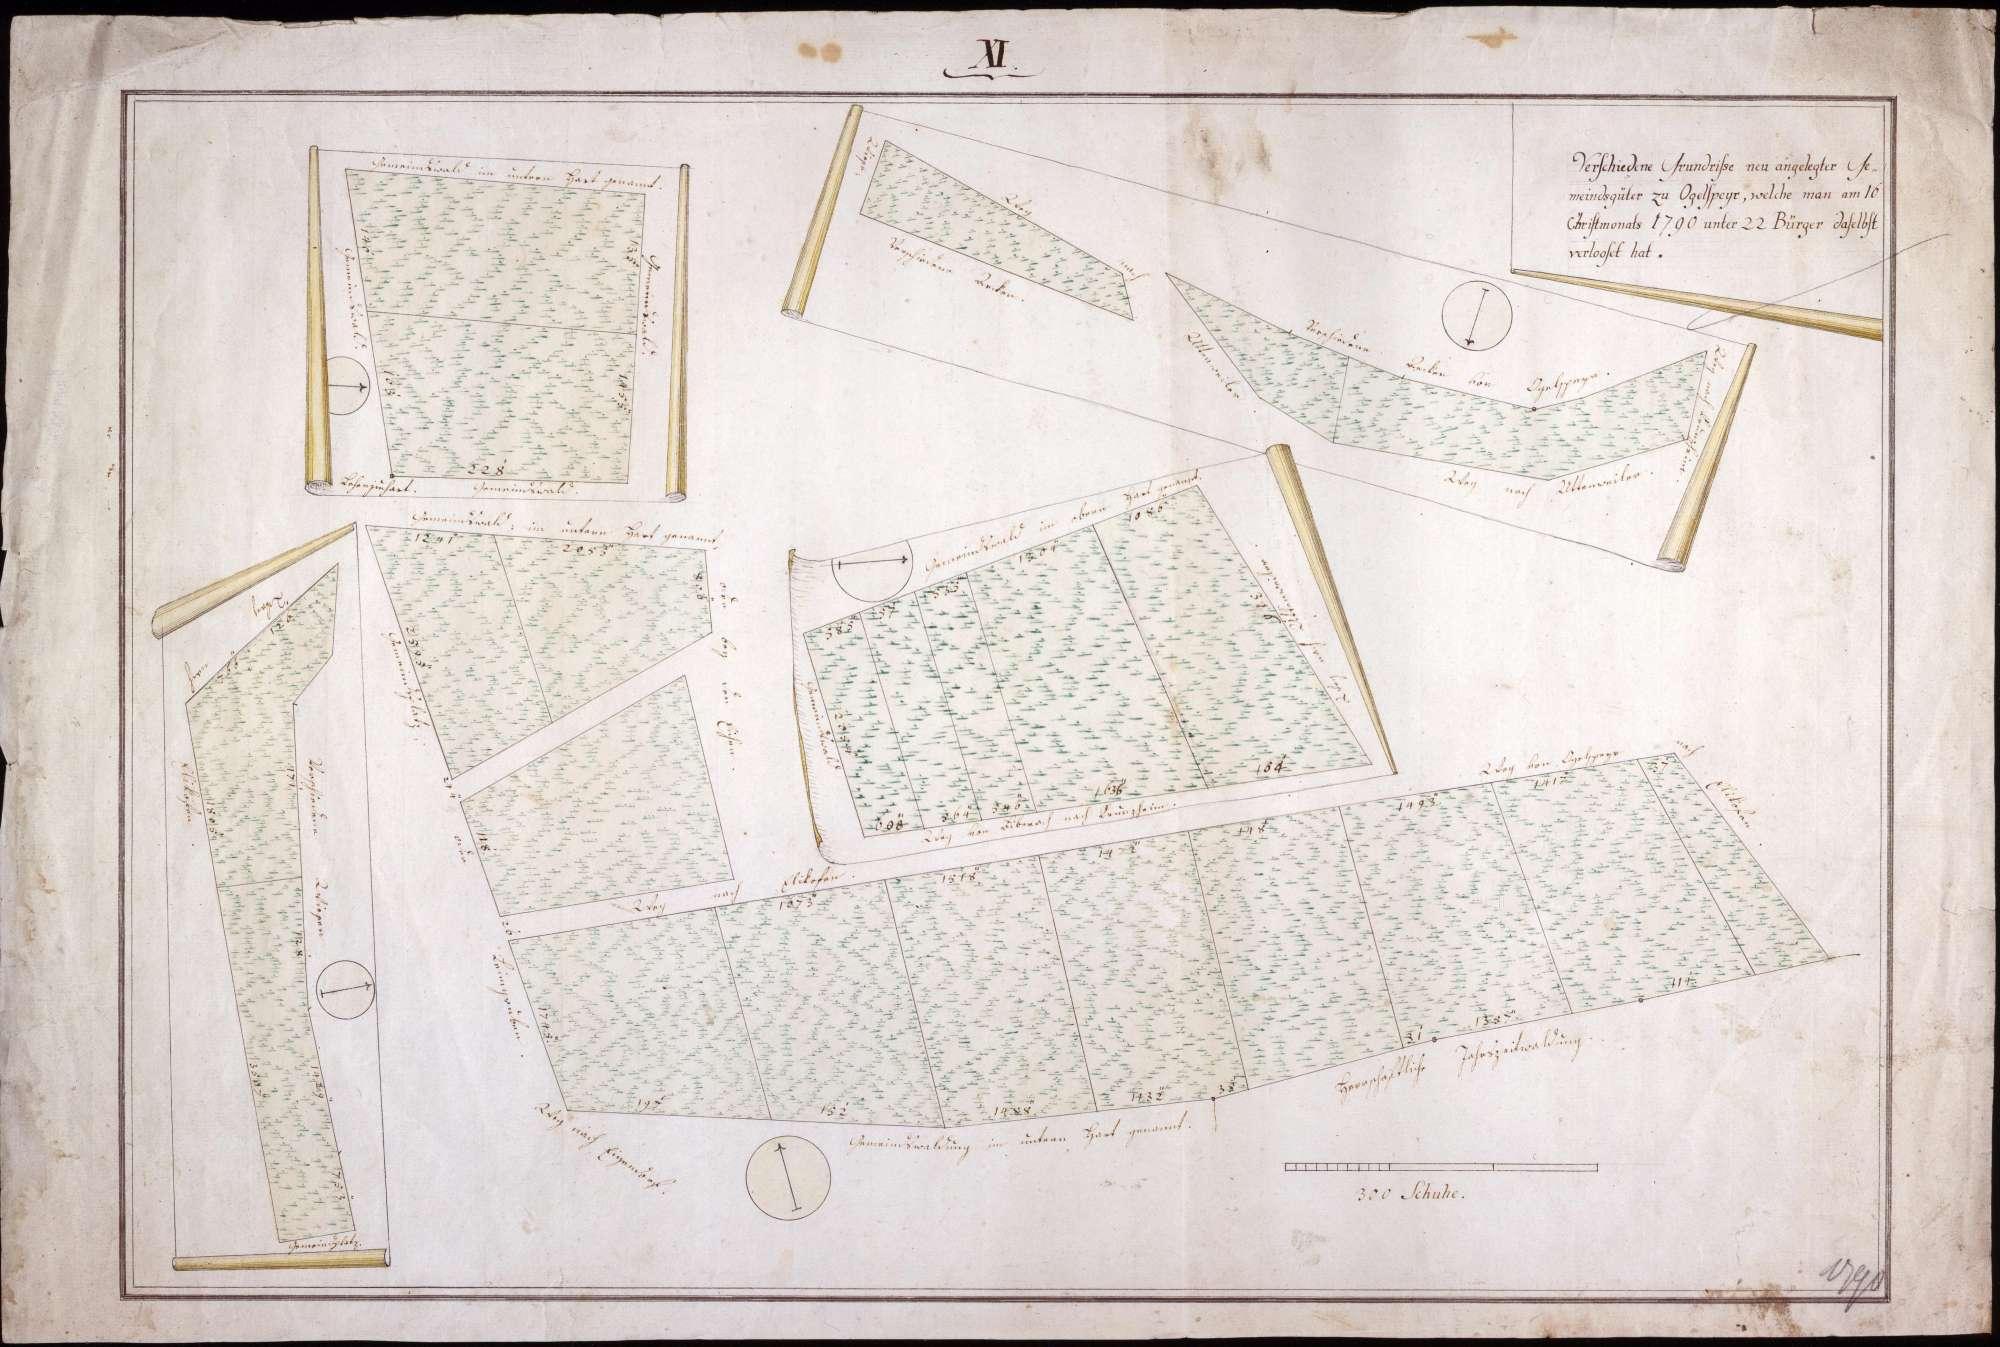 Gemeindegüter zu Oggelsbeuren Maßstab ca. 1 : 800 col. handgez., Bild 1